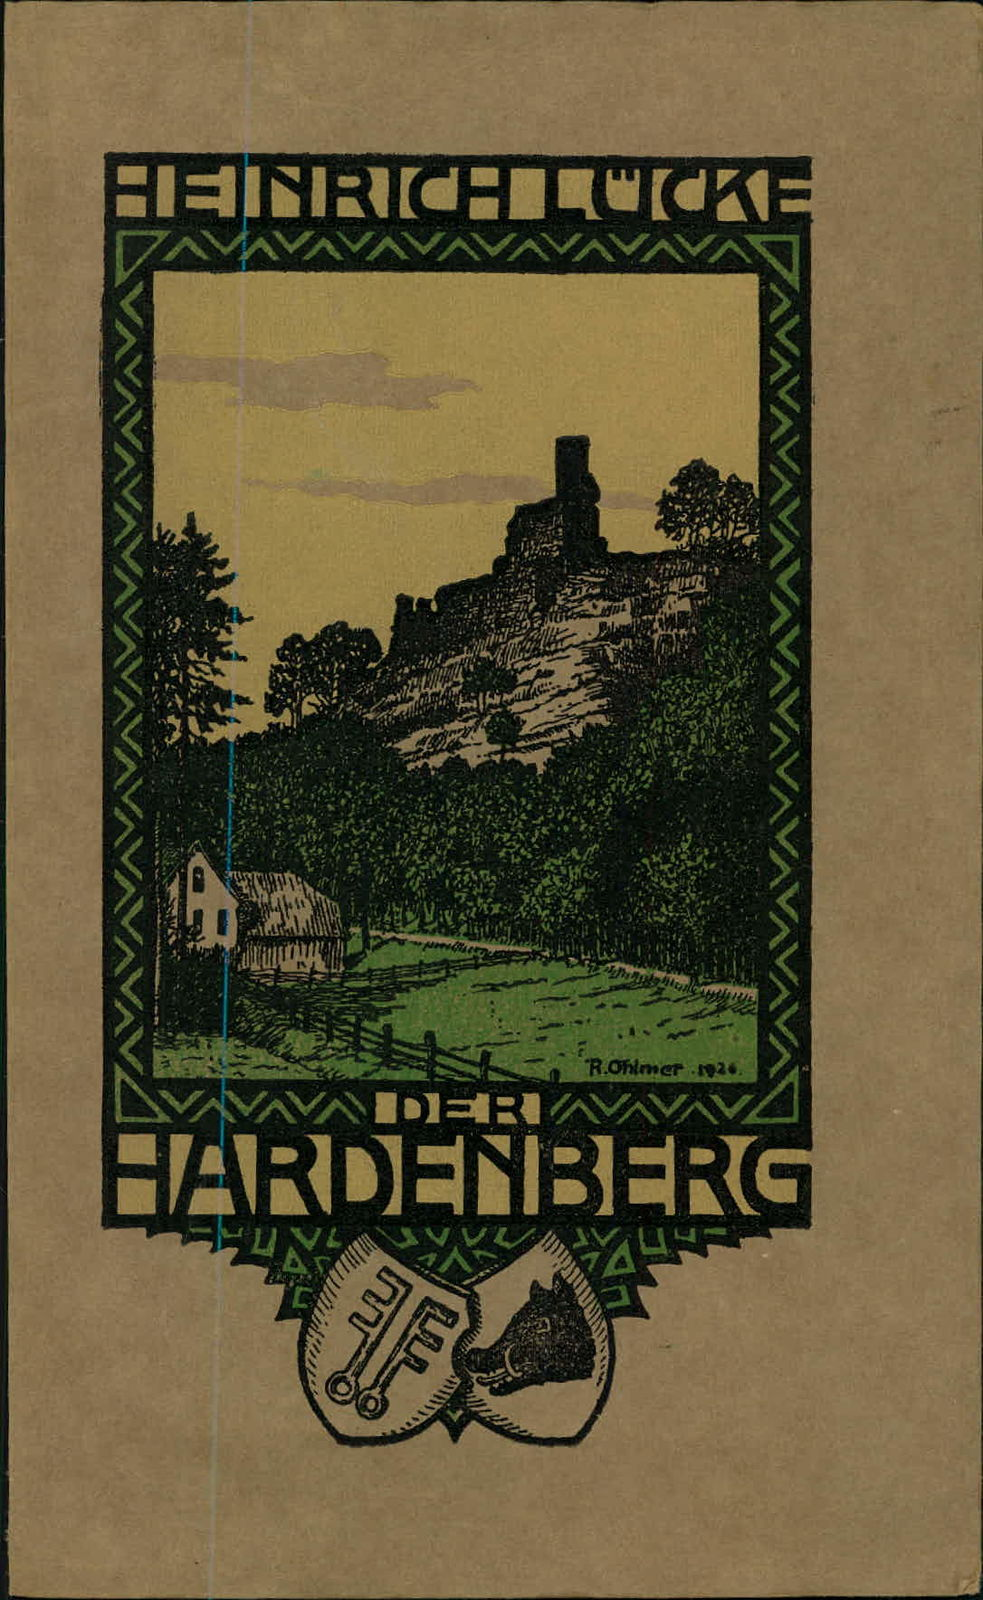 KD1142 - Druck - 1926 - Hardenberg - Der Hardenberg - Ohlmer -